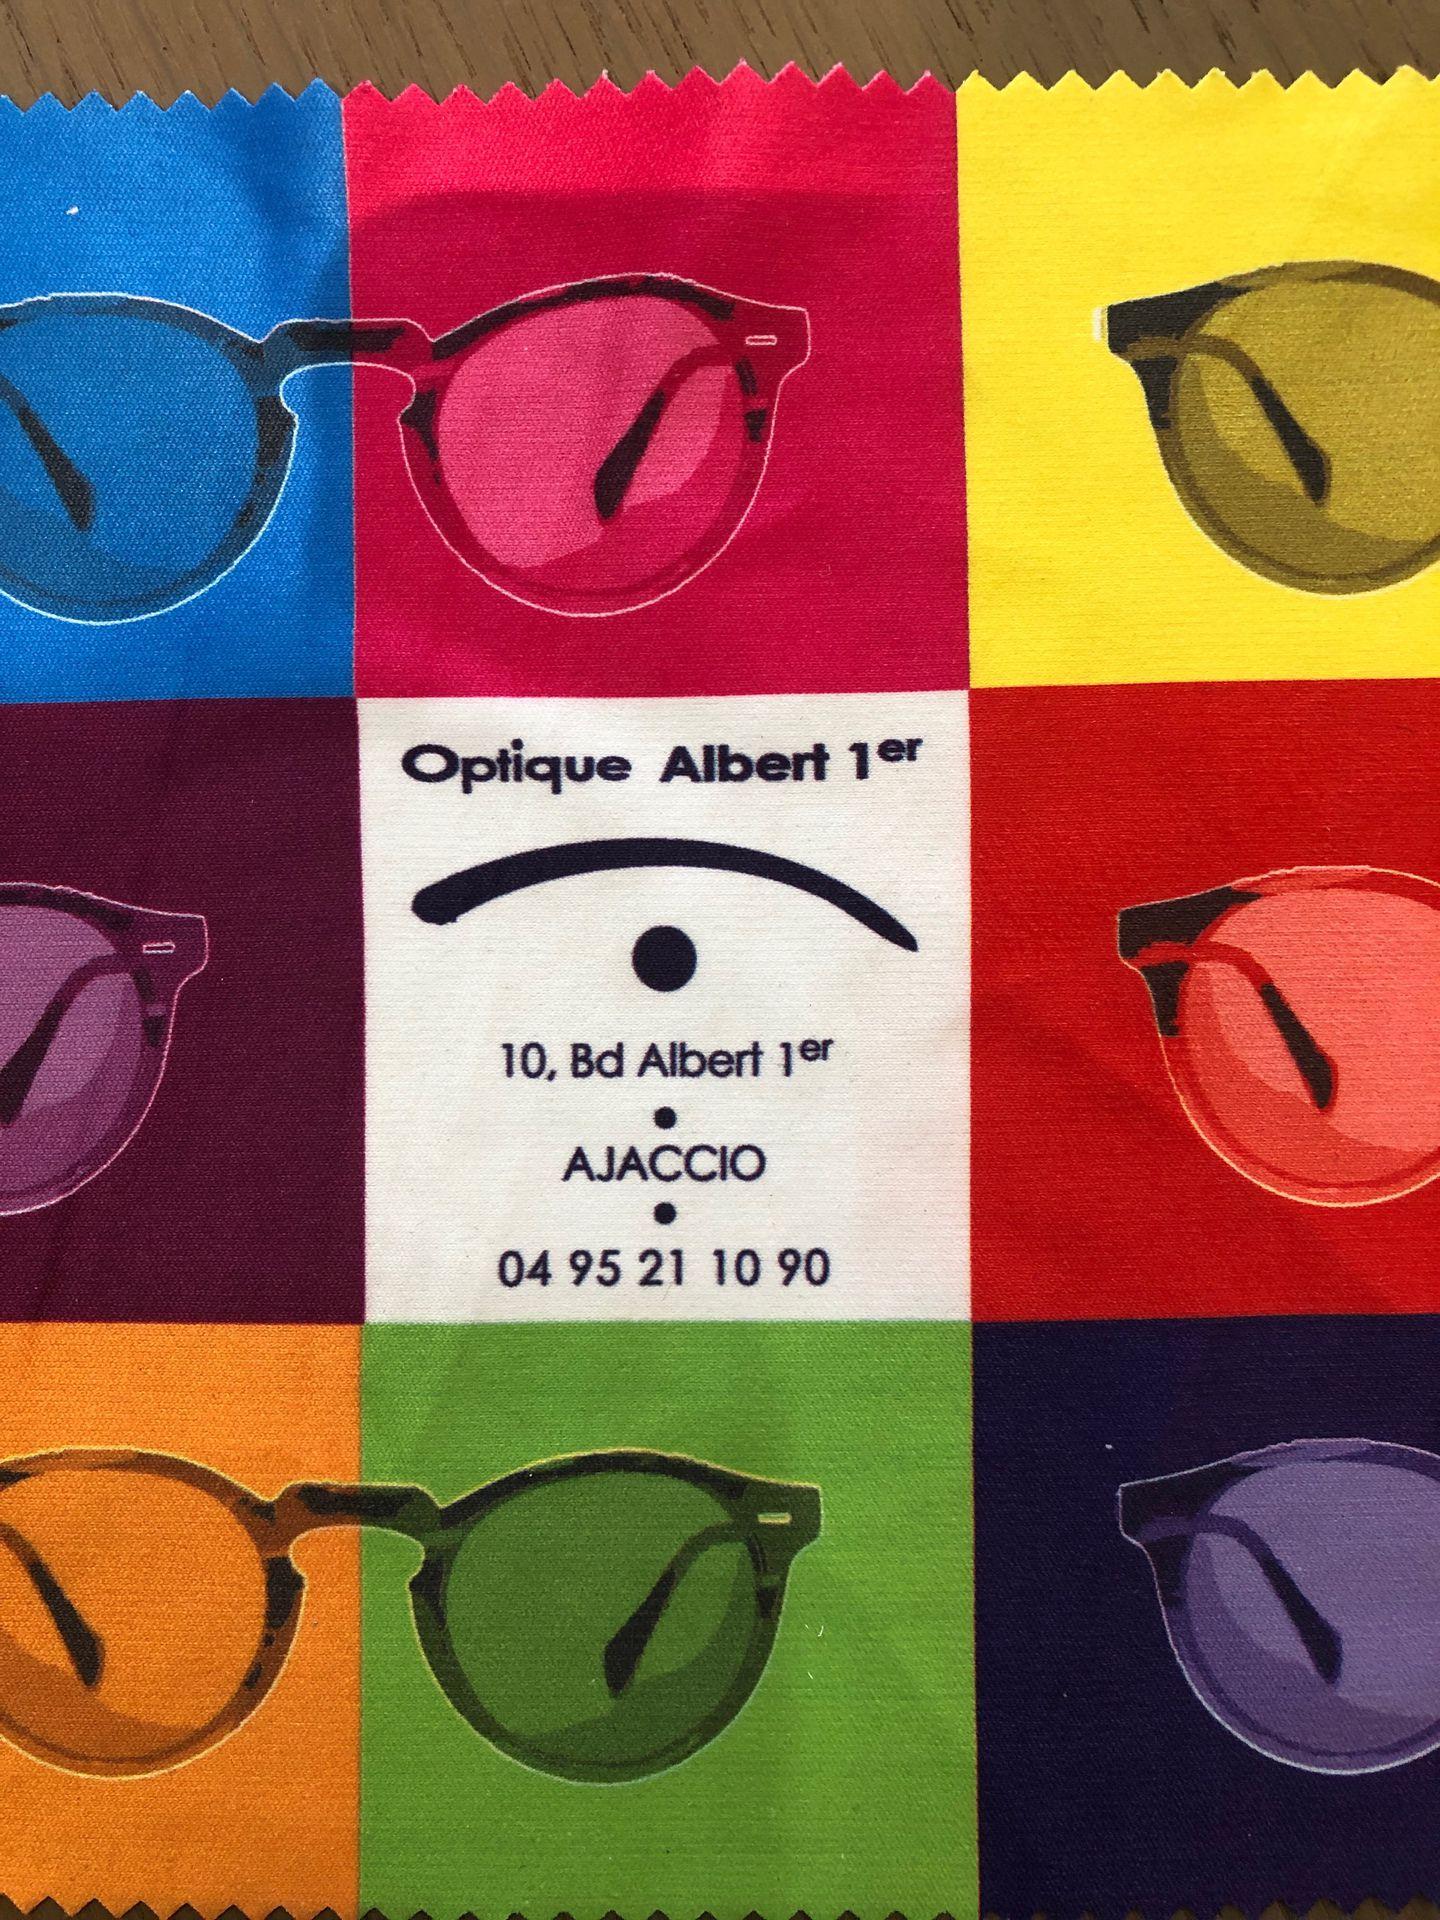 Optique Albert 1er opticien